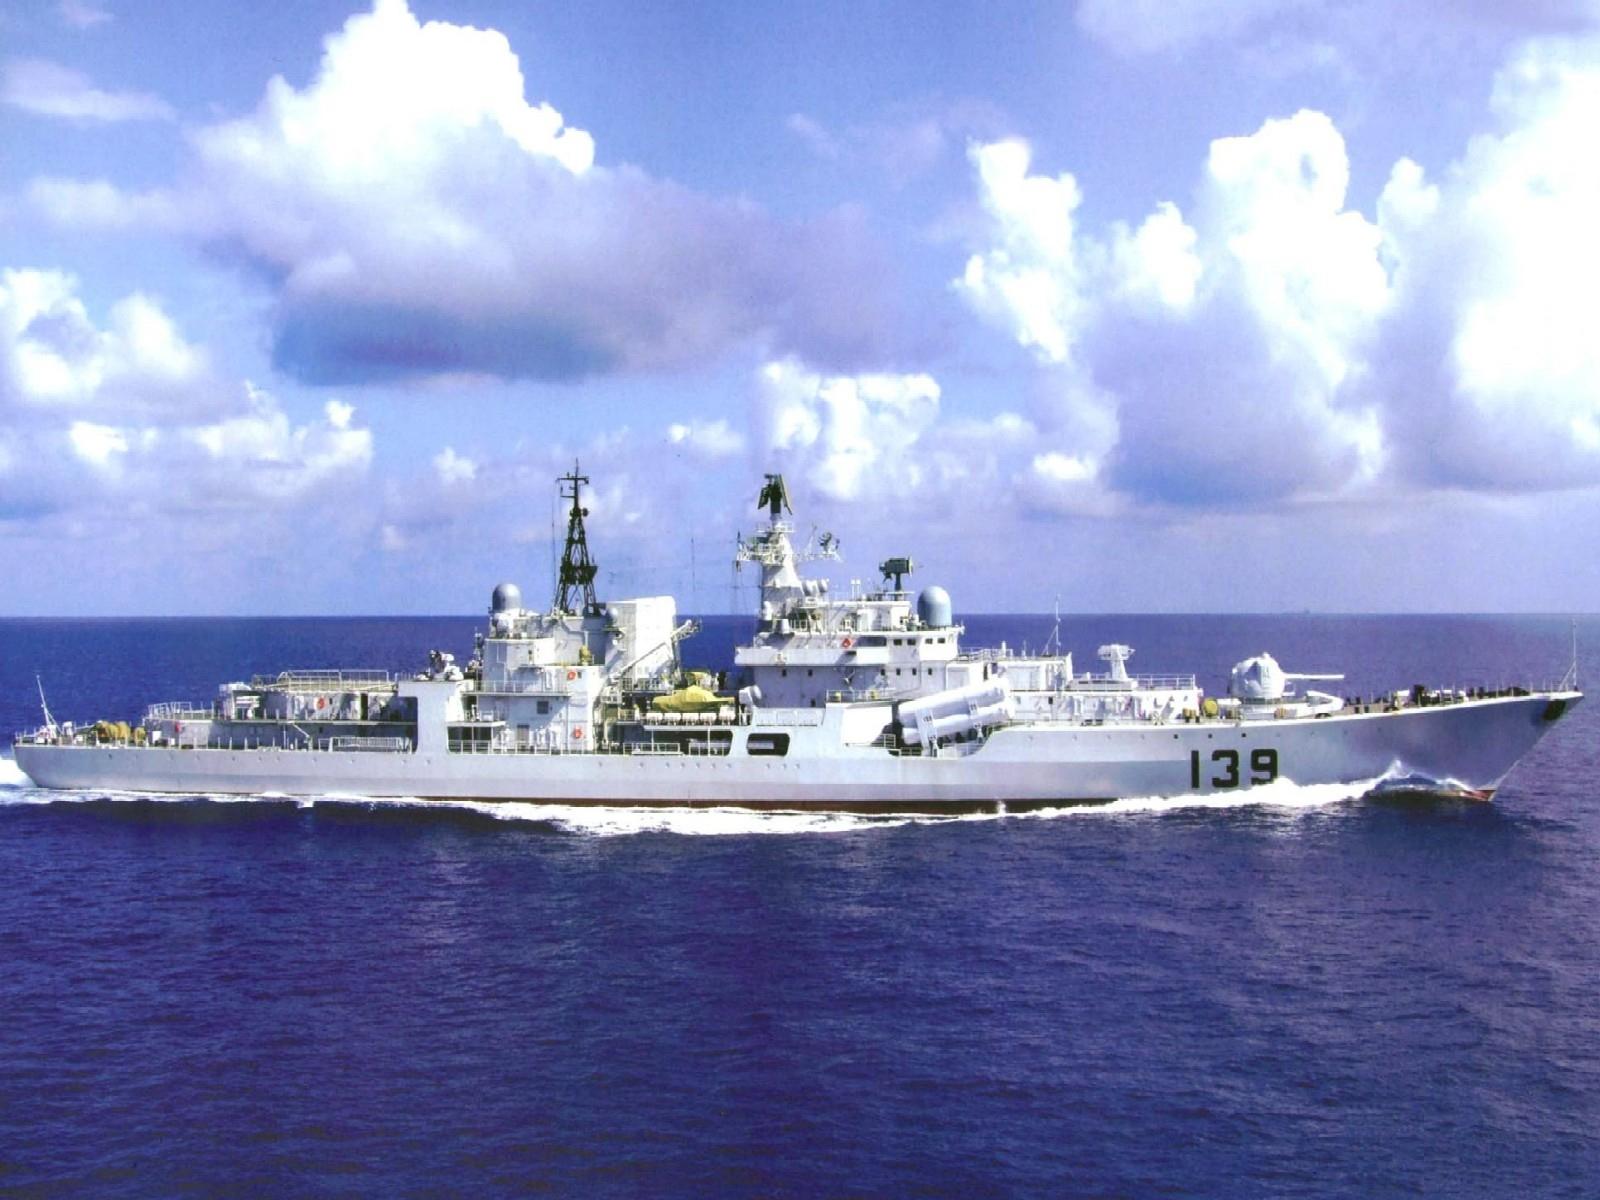 高清屏海军舰艇桌面壁纸